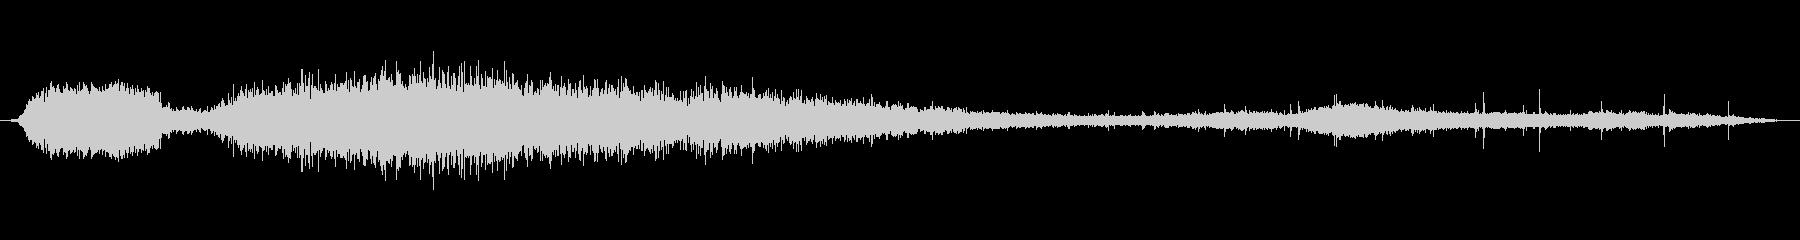 ハイスクール・ペップ・ラリー:大群...の未再生の波形